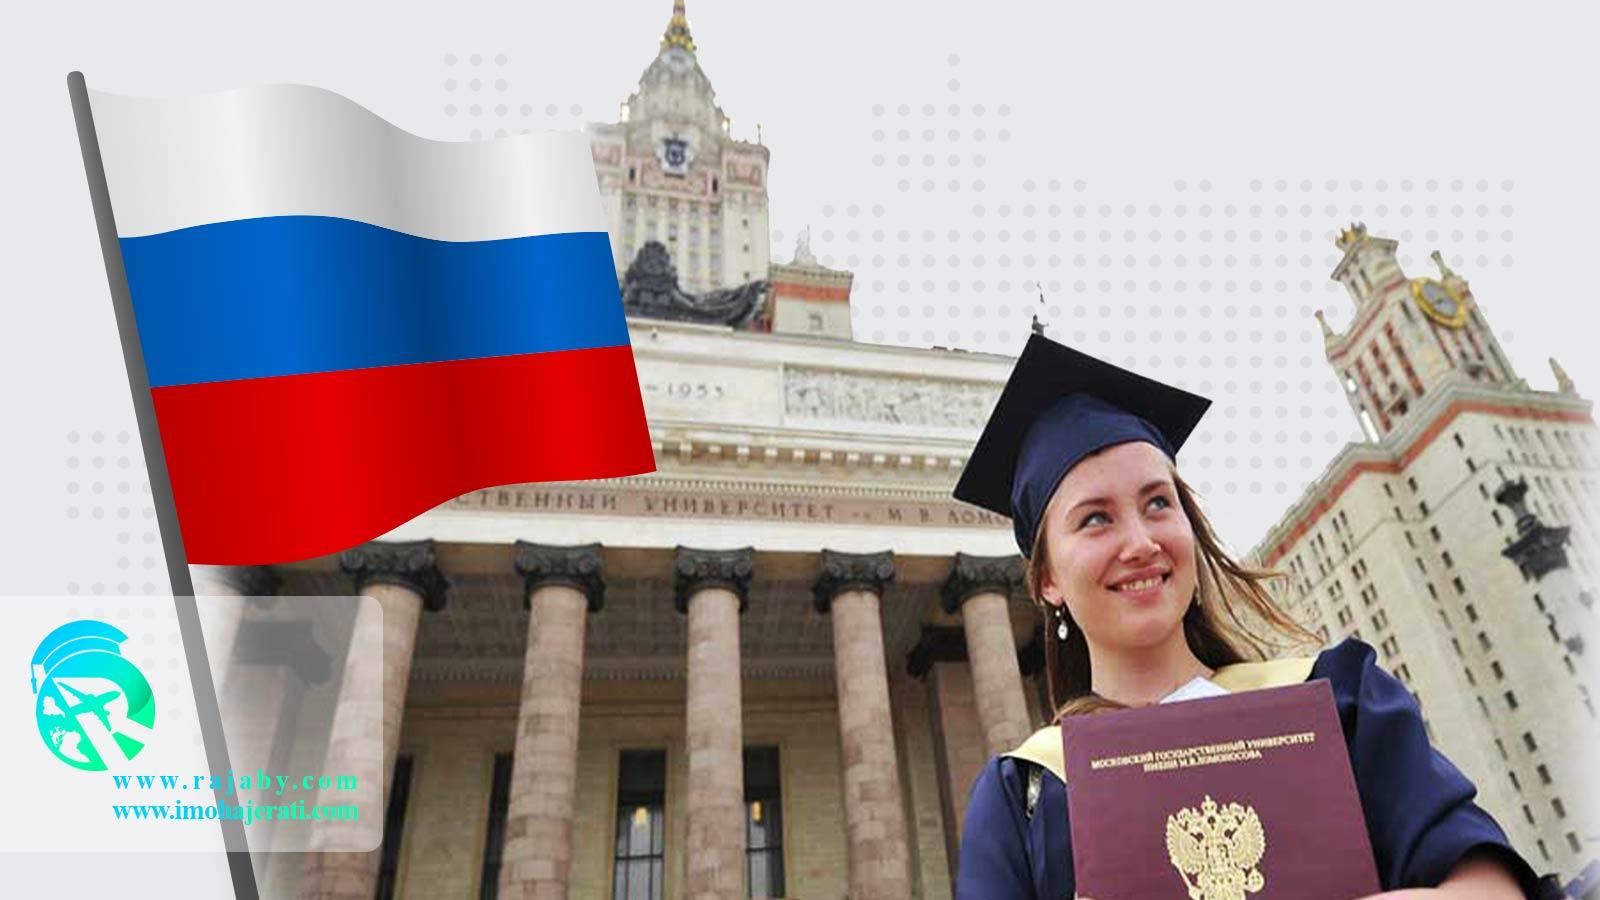 مقاطع تحصیلی قبل از دانشگاه در روسیه